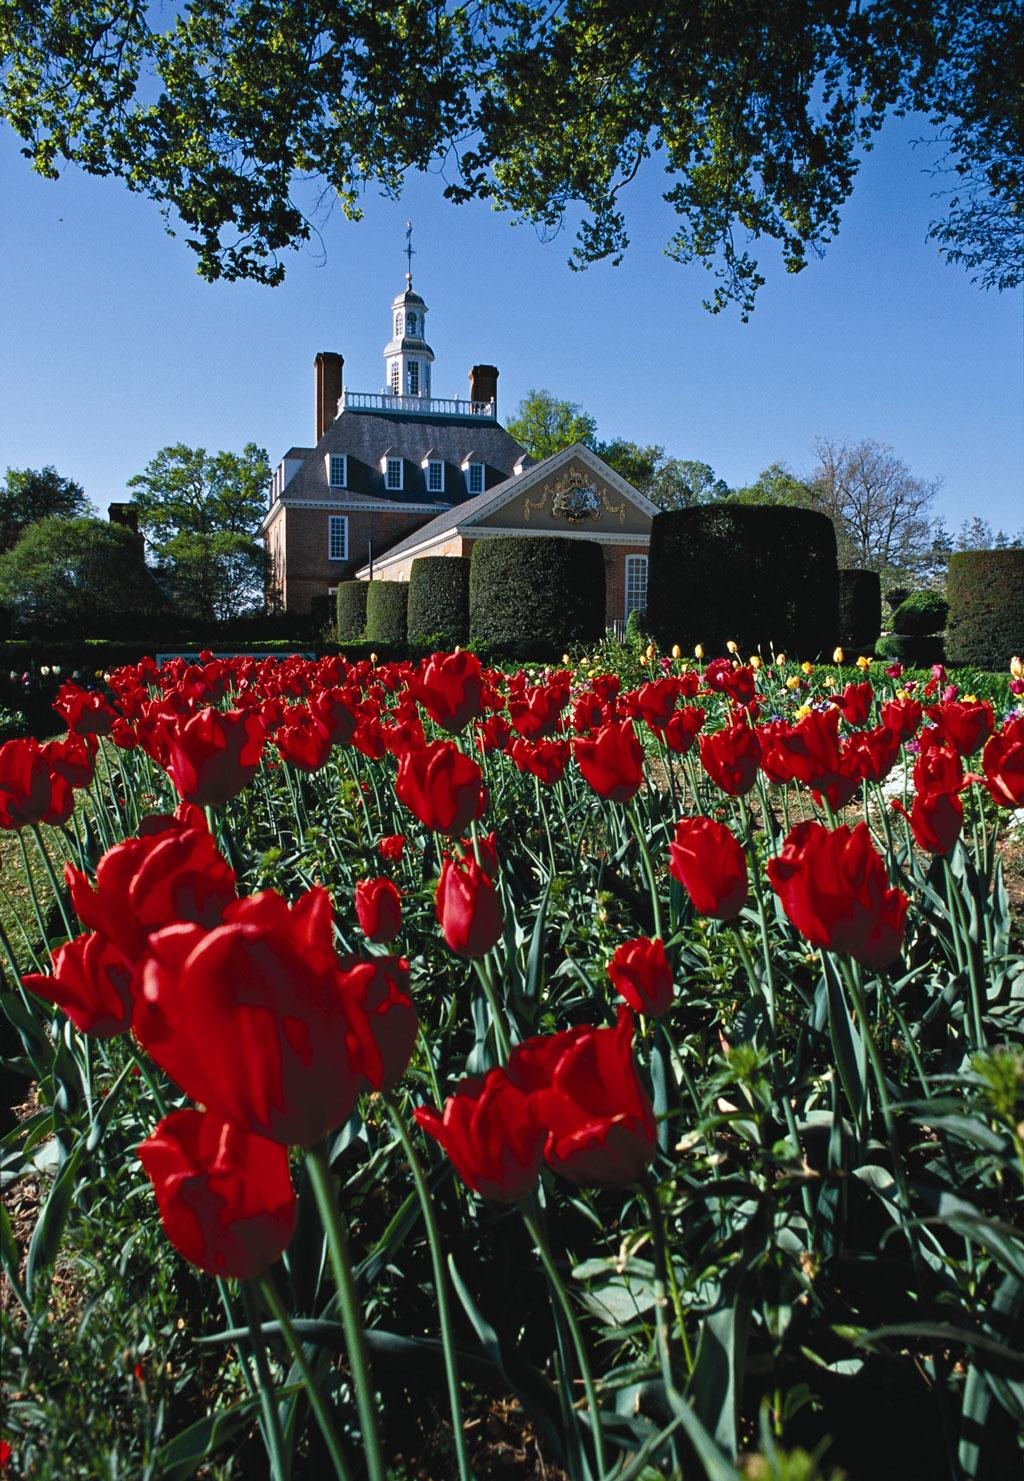 Governoru0027s Palace, Colonial Williamsburg Gardens